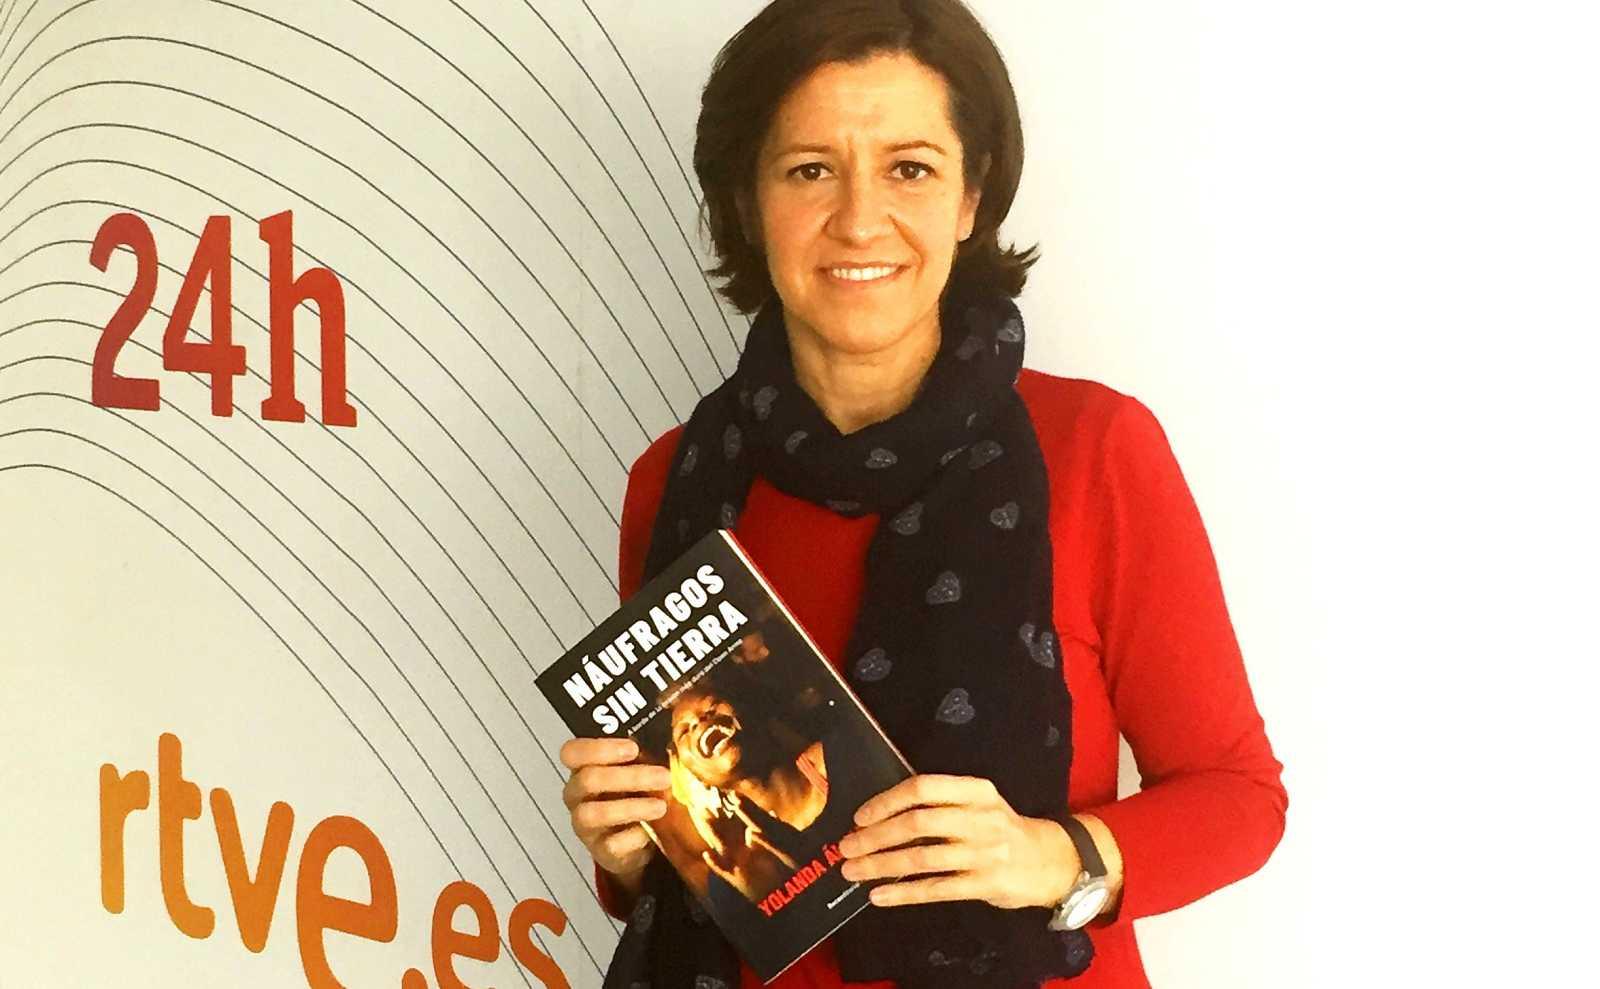 Yolanda Álvarez posa con su primer libro, Náufragos sin tierra, en las instalaciones de Torrespaña.